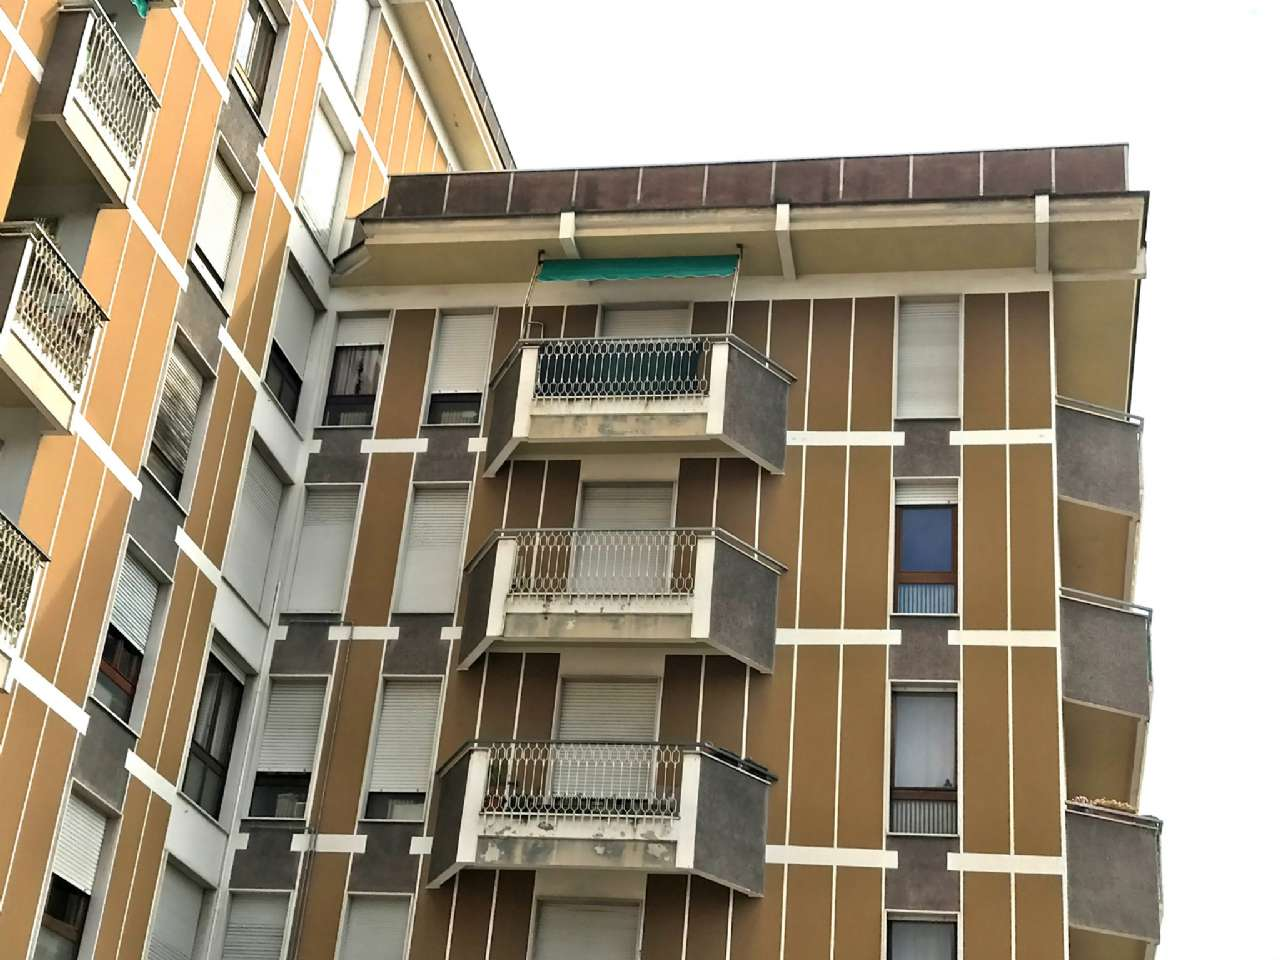 Attico / Mansarda in vendita a Varese, 3 locali, prezzo € 170.000 | Cambio Casa.it